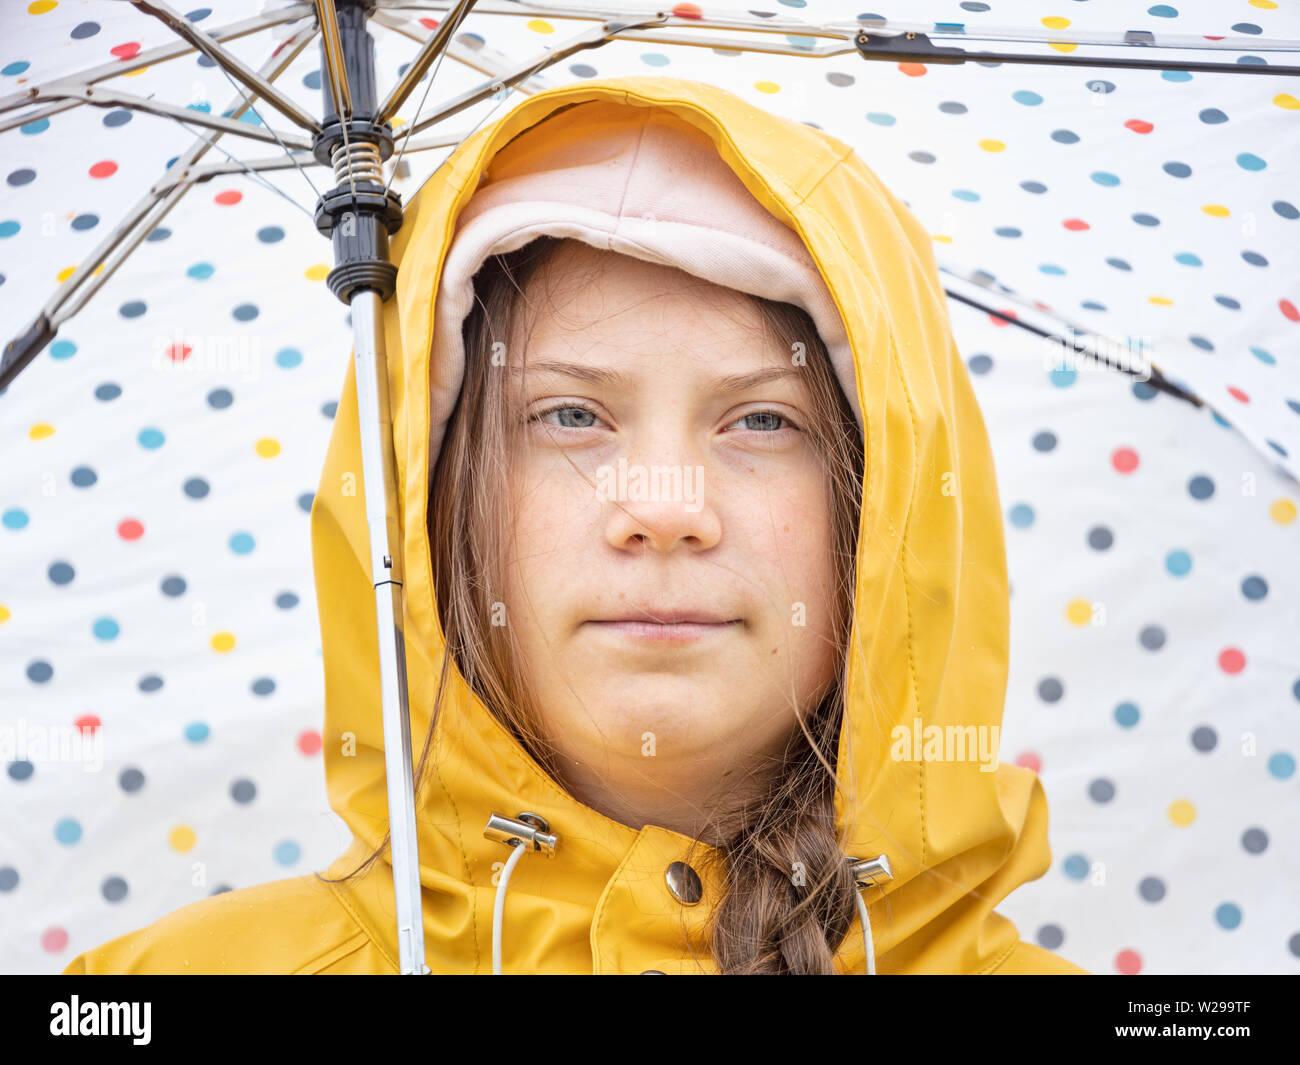 Stockholm, Schweden. 5. Juli, 2019. Der 16-jährige schwedische Klima Aktivistin Greta Thunberg Demonstration in Stockholm am Freitag. Stockfoto